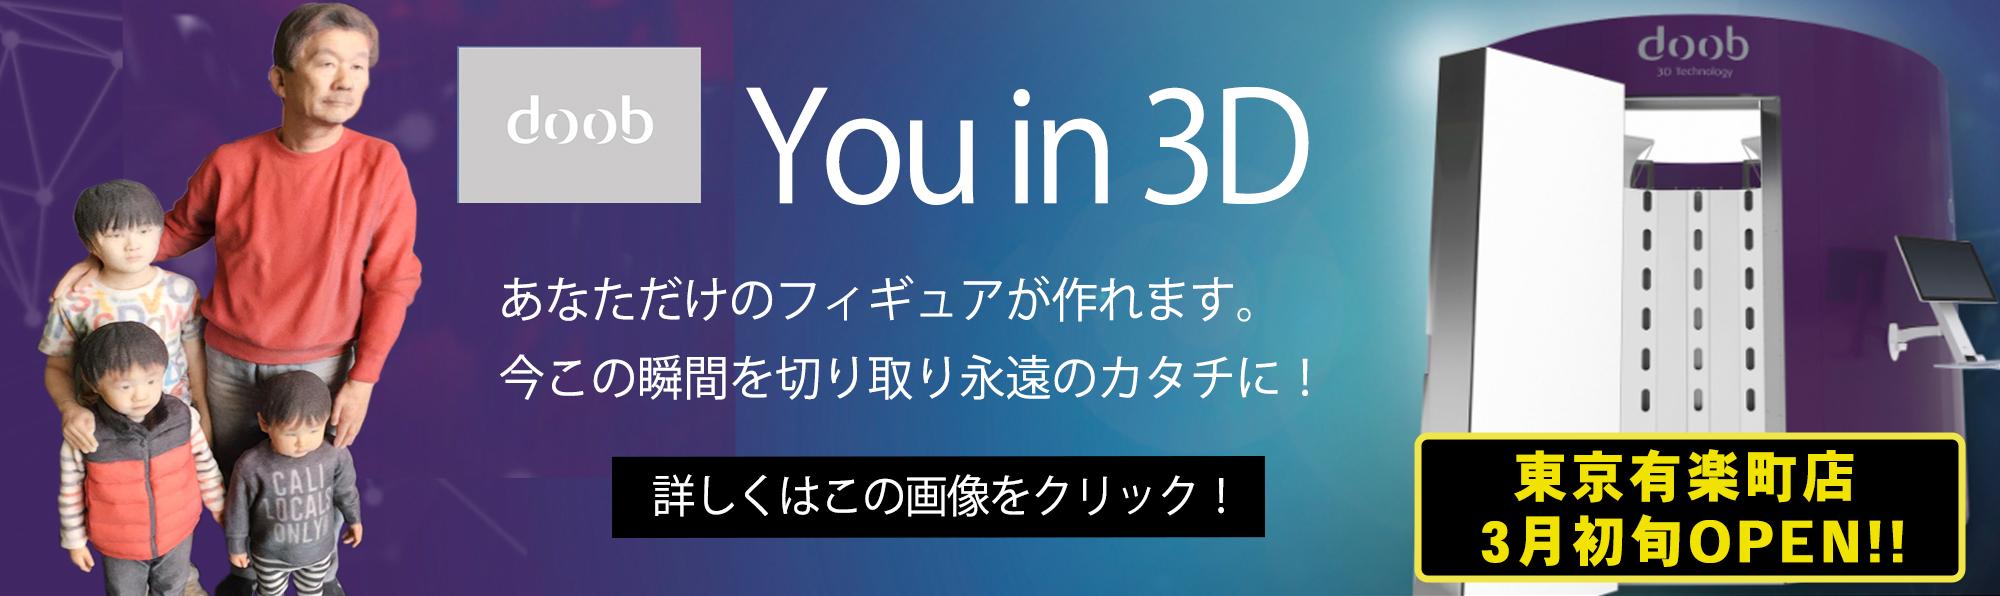 3Dフィギュア制作体験